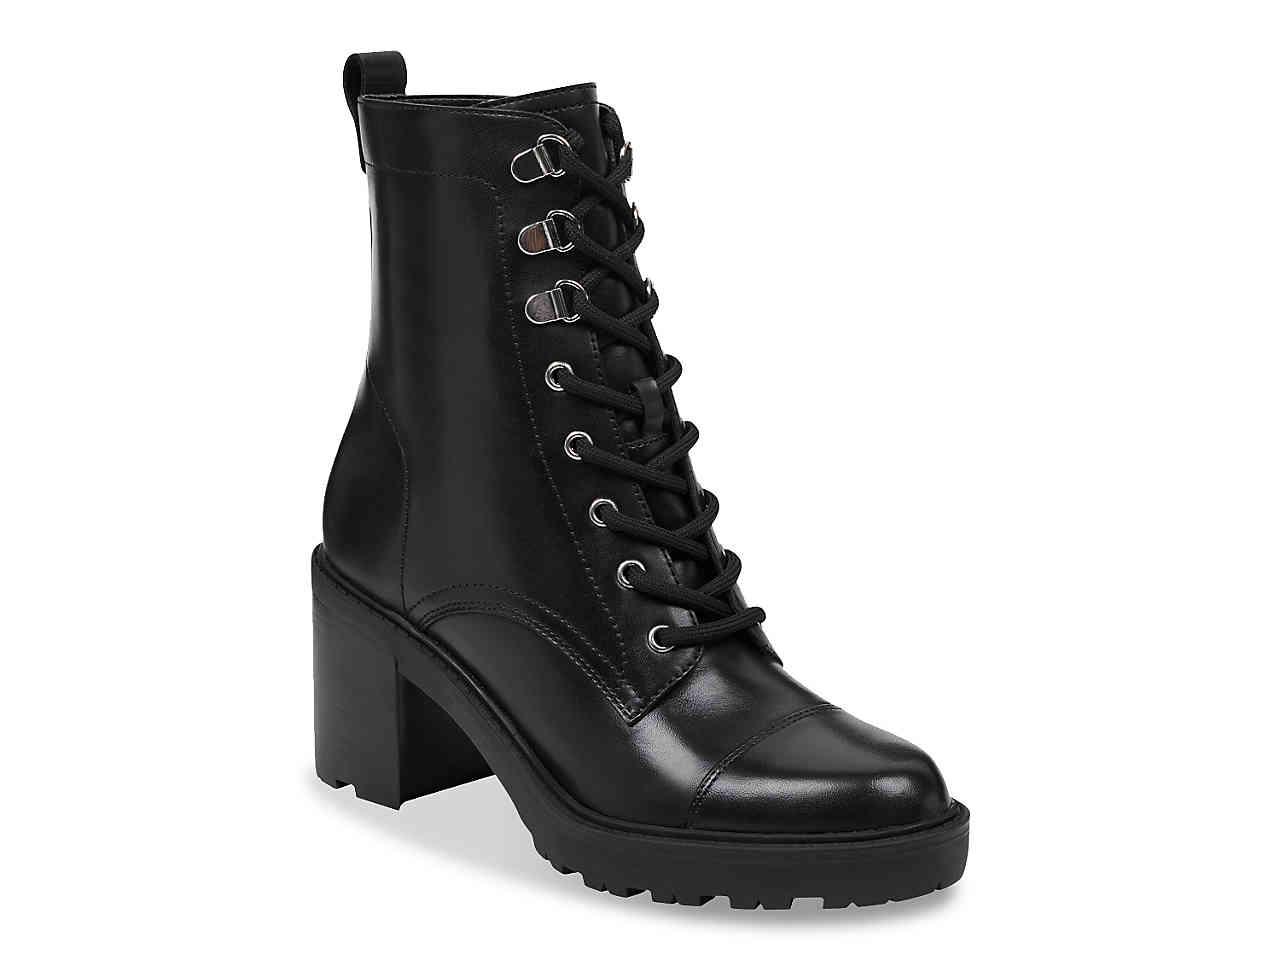 black-combat-boots-dsw-christie-ferrari-2